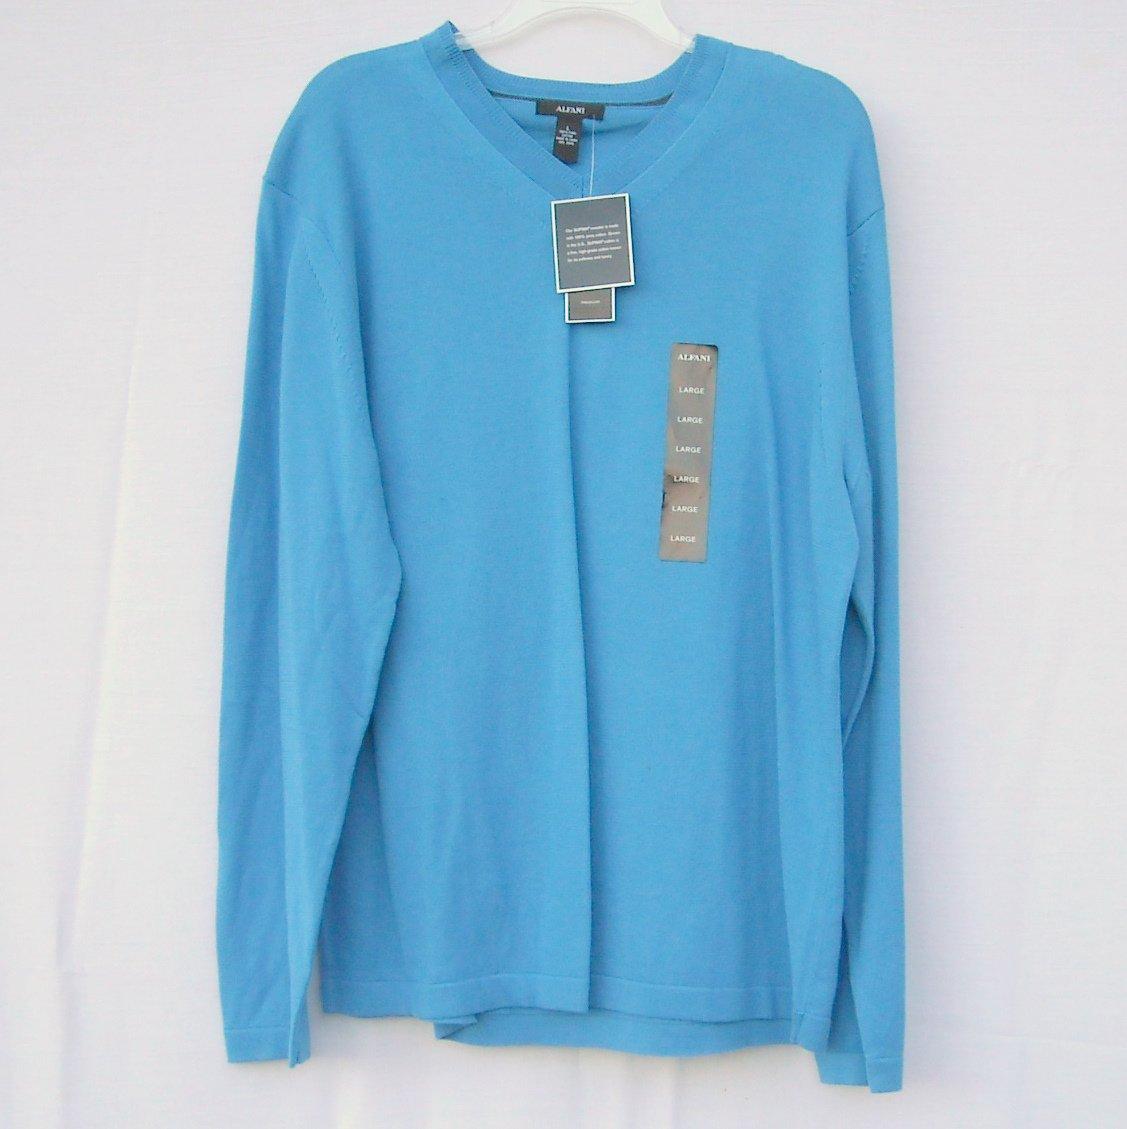 Alfani Cayman Blue V Neck Pima Cotton Boys Long Sleeve Knit Shirt Sweater size L